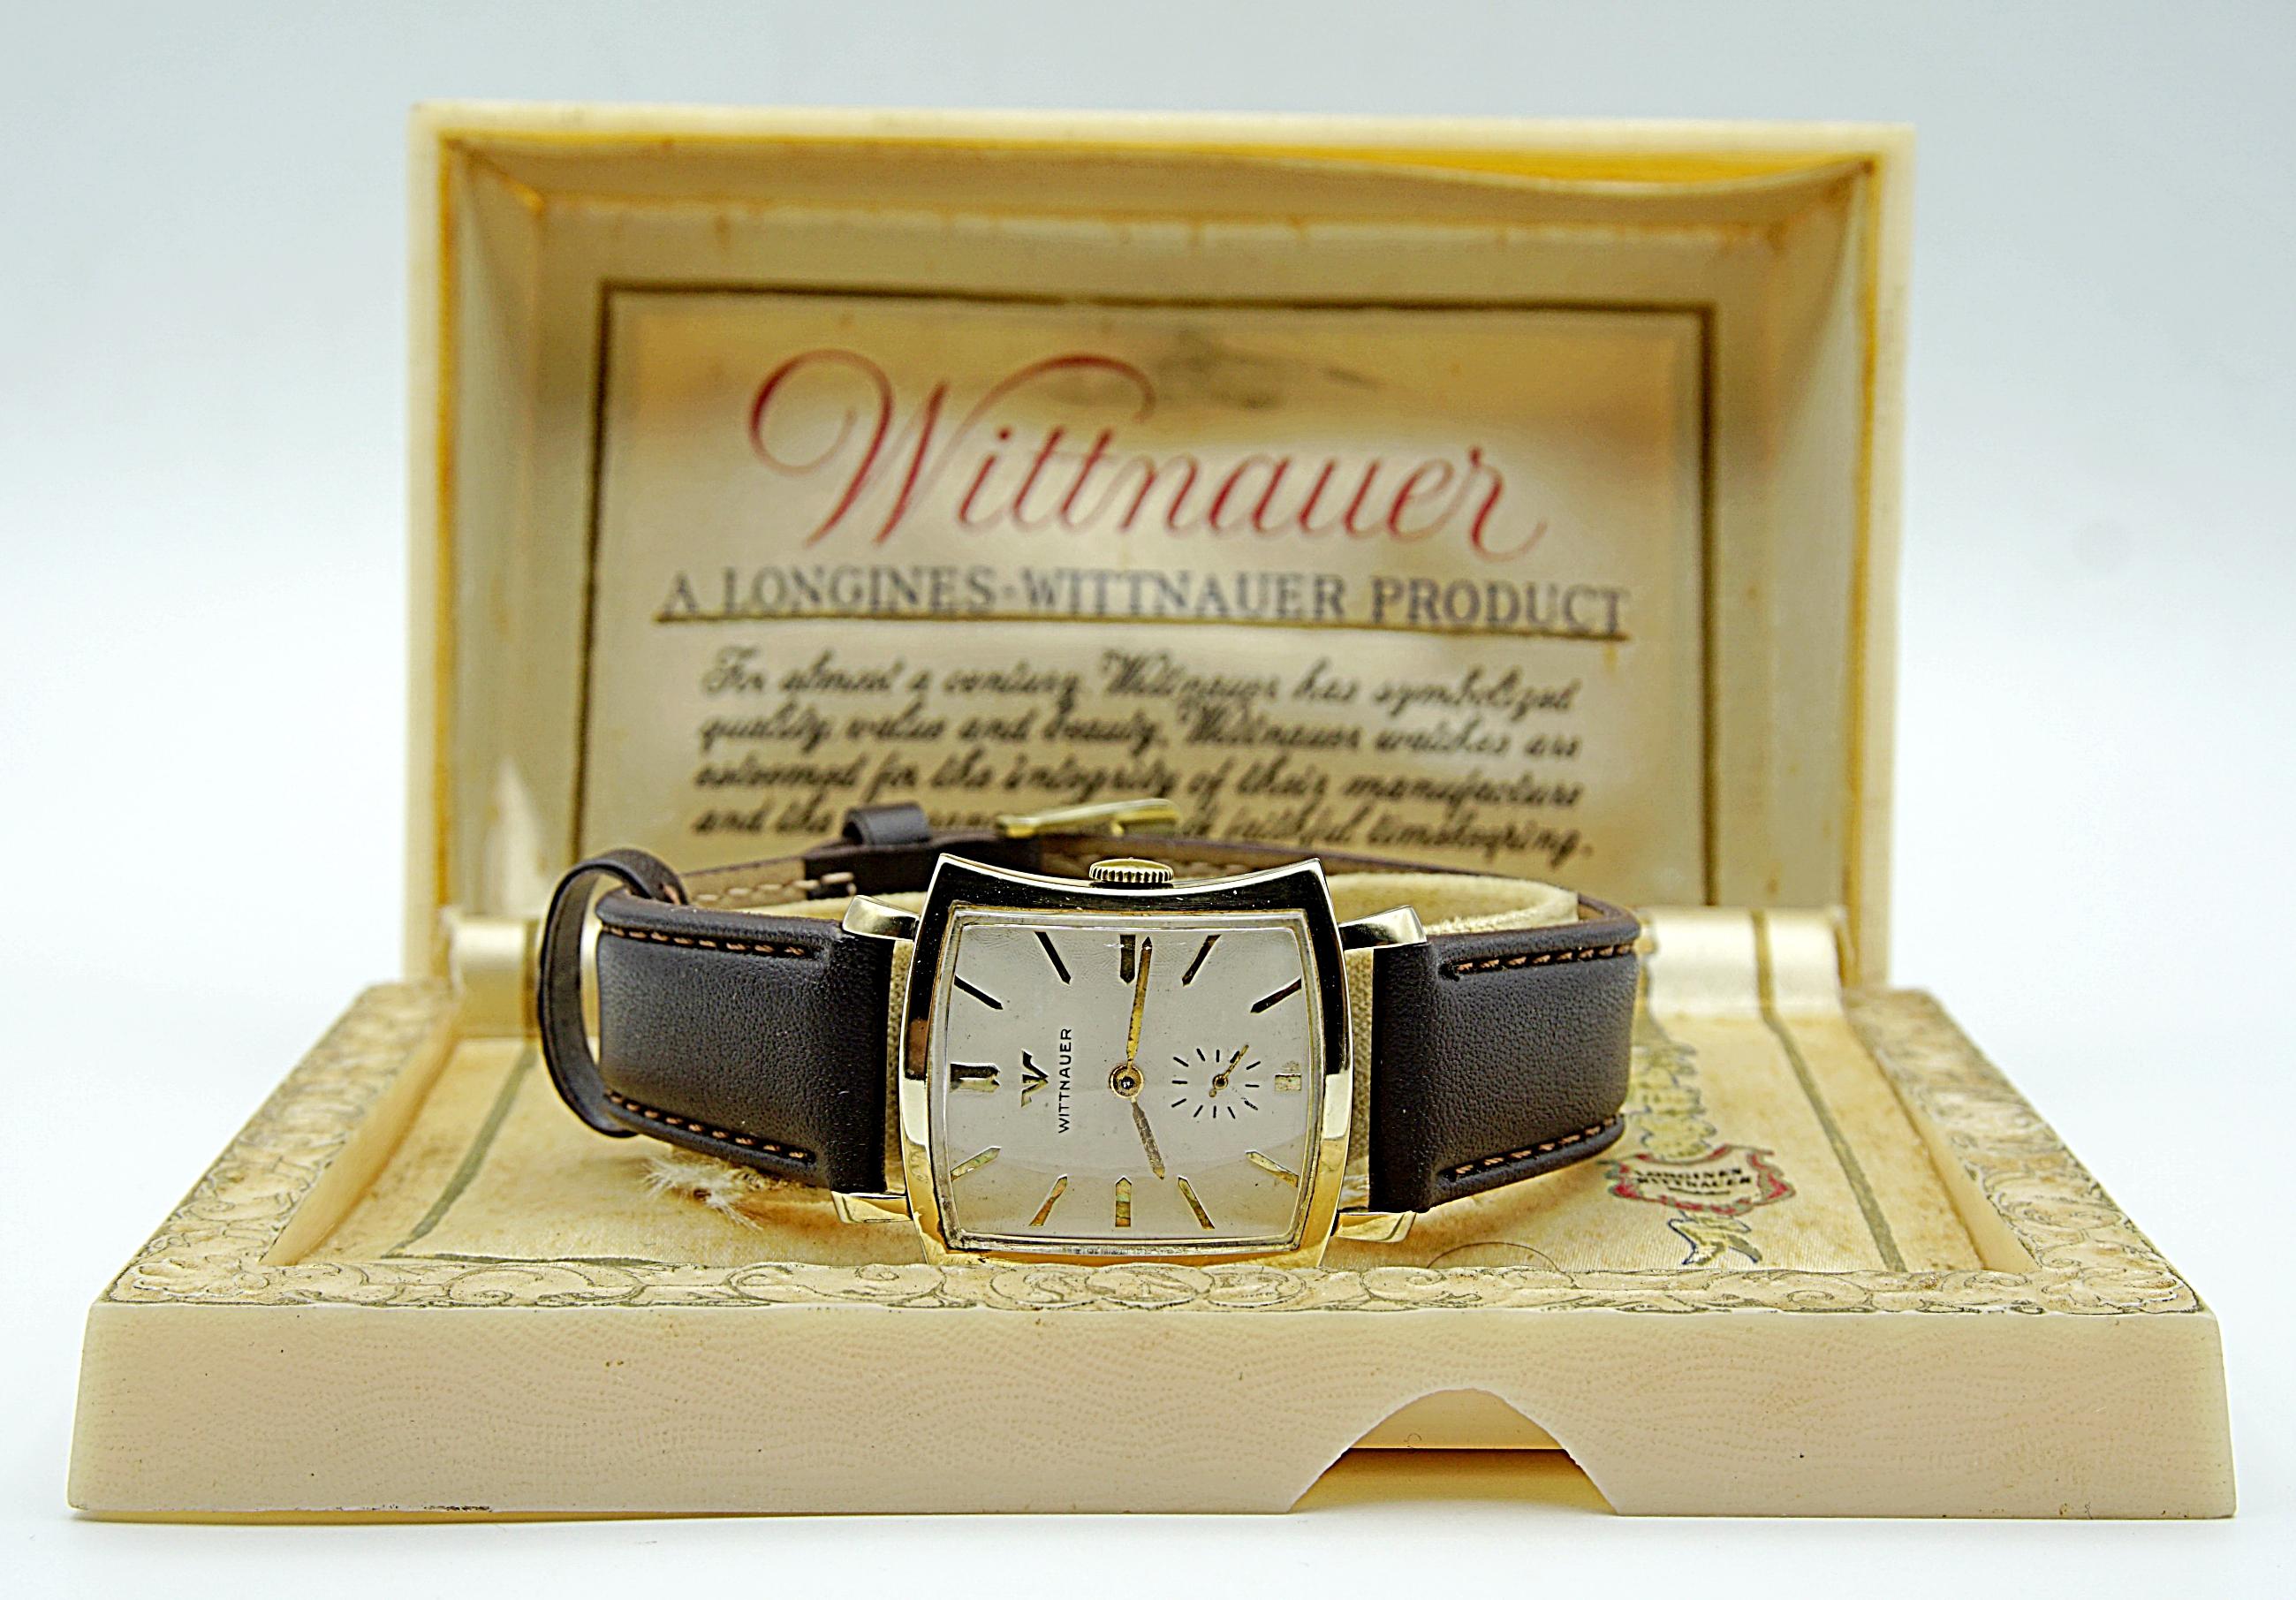 นาฬิกาเก่า WITTNAUER BY LONGINES ไขลานสองเข็มครึ่ง พร้อมกล่อง